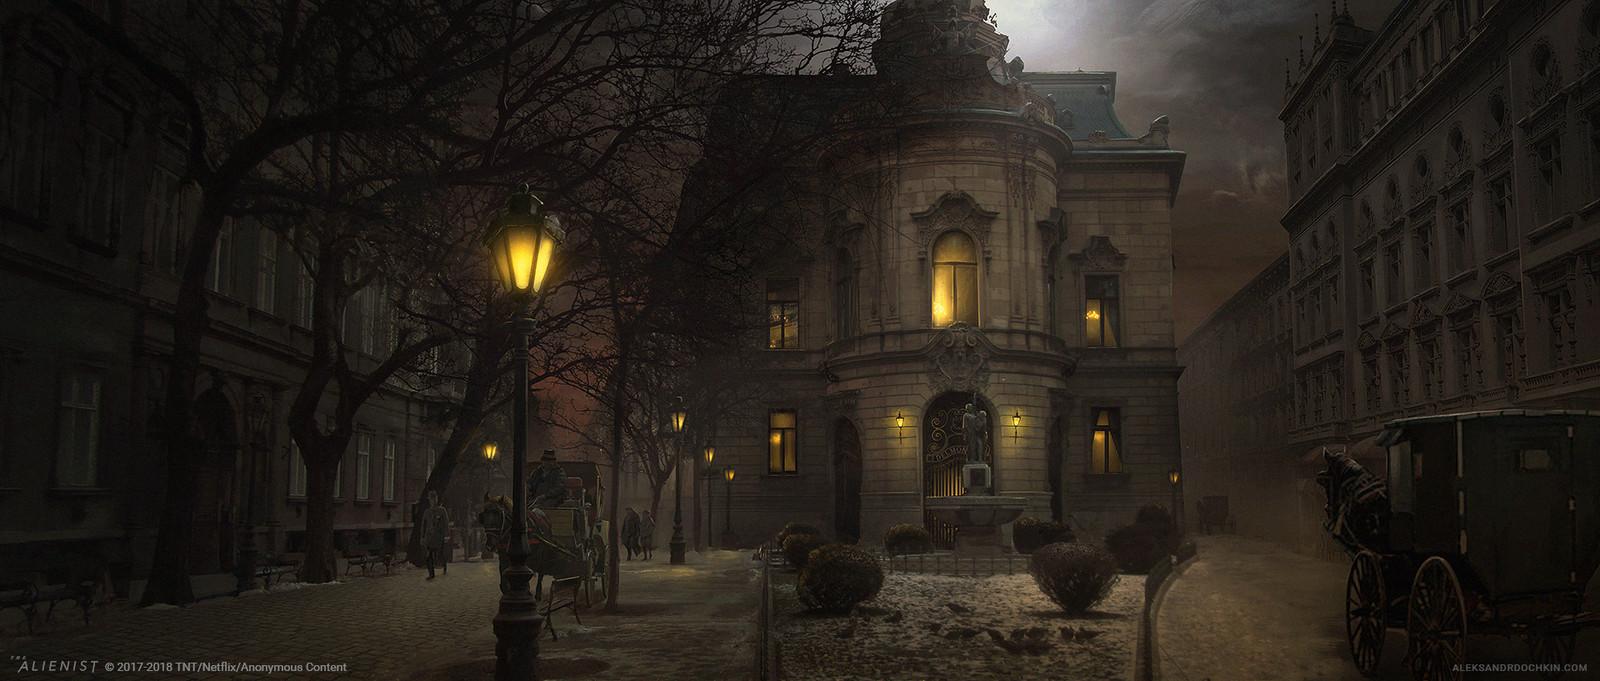 The Alienist - Delmonico's Exterior